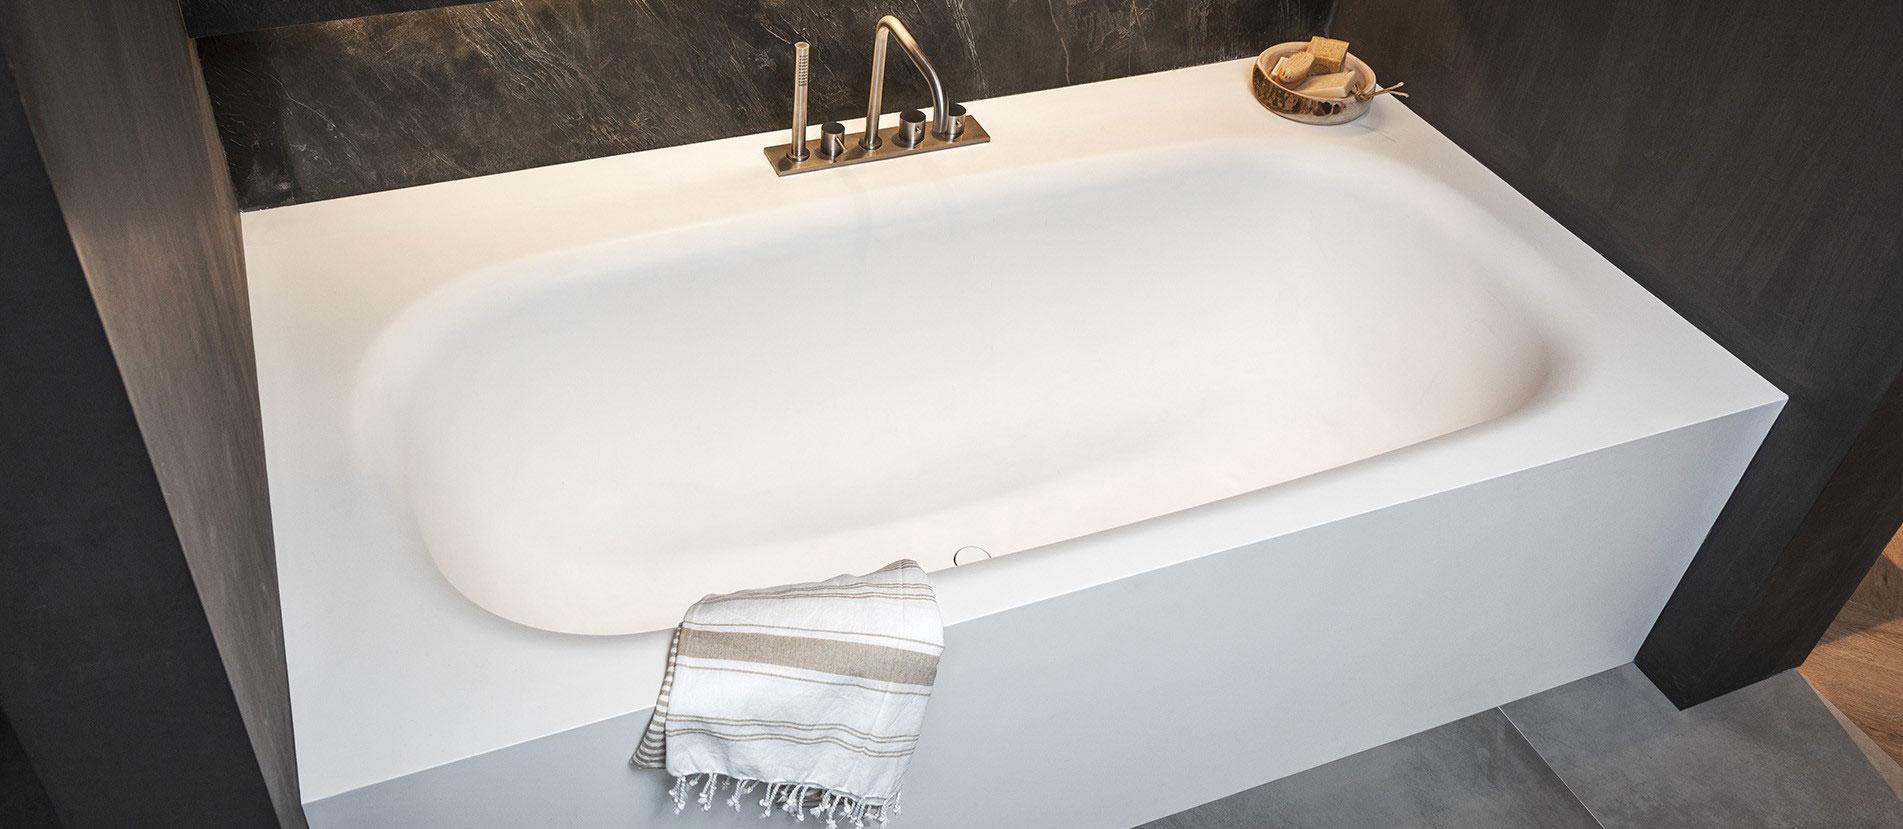 Corian ligbad, passend te maken tussen twee muren. Topkwaliteit Corian bad, vergeelt niet. B DUTCH design ligbad Vegas, strak tijdloos design. Verkrijgbaar in diverse gangbare afmetingen en ook op maat te maken.